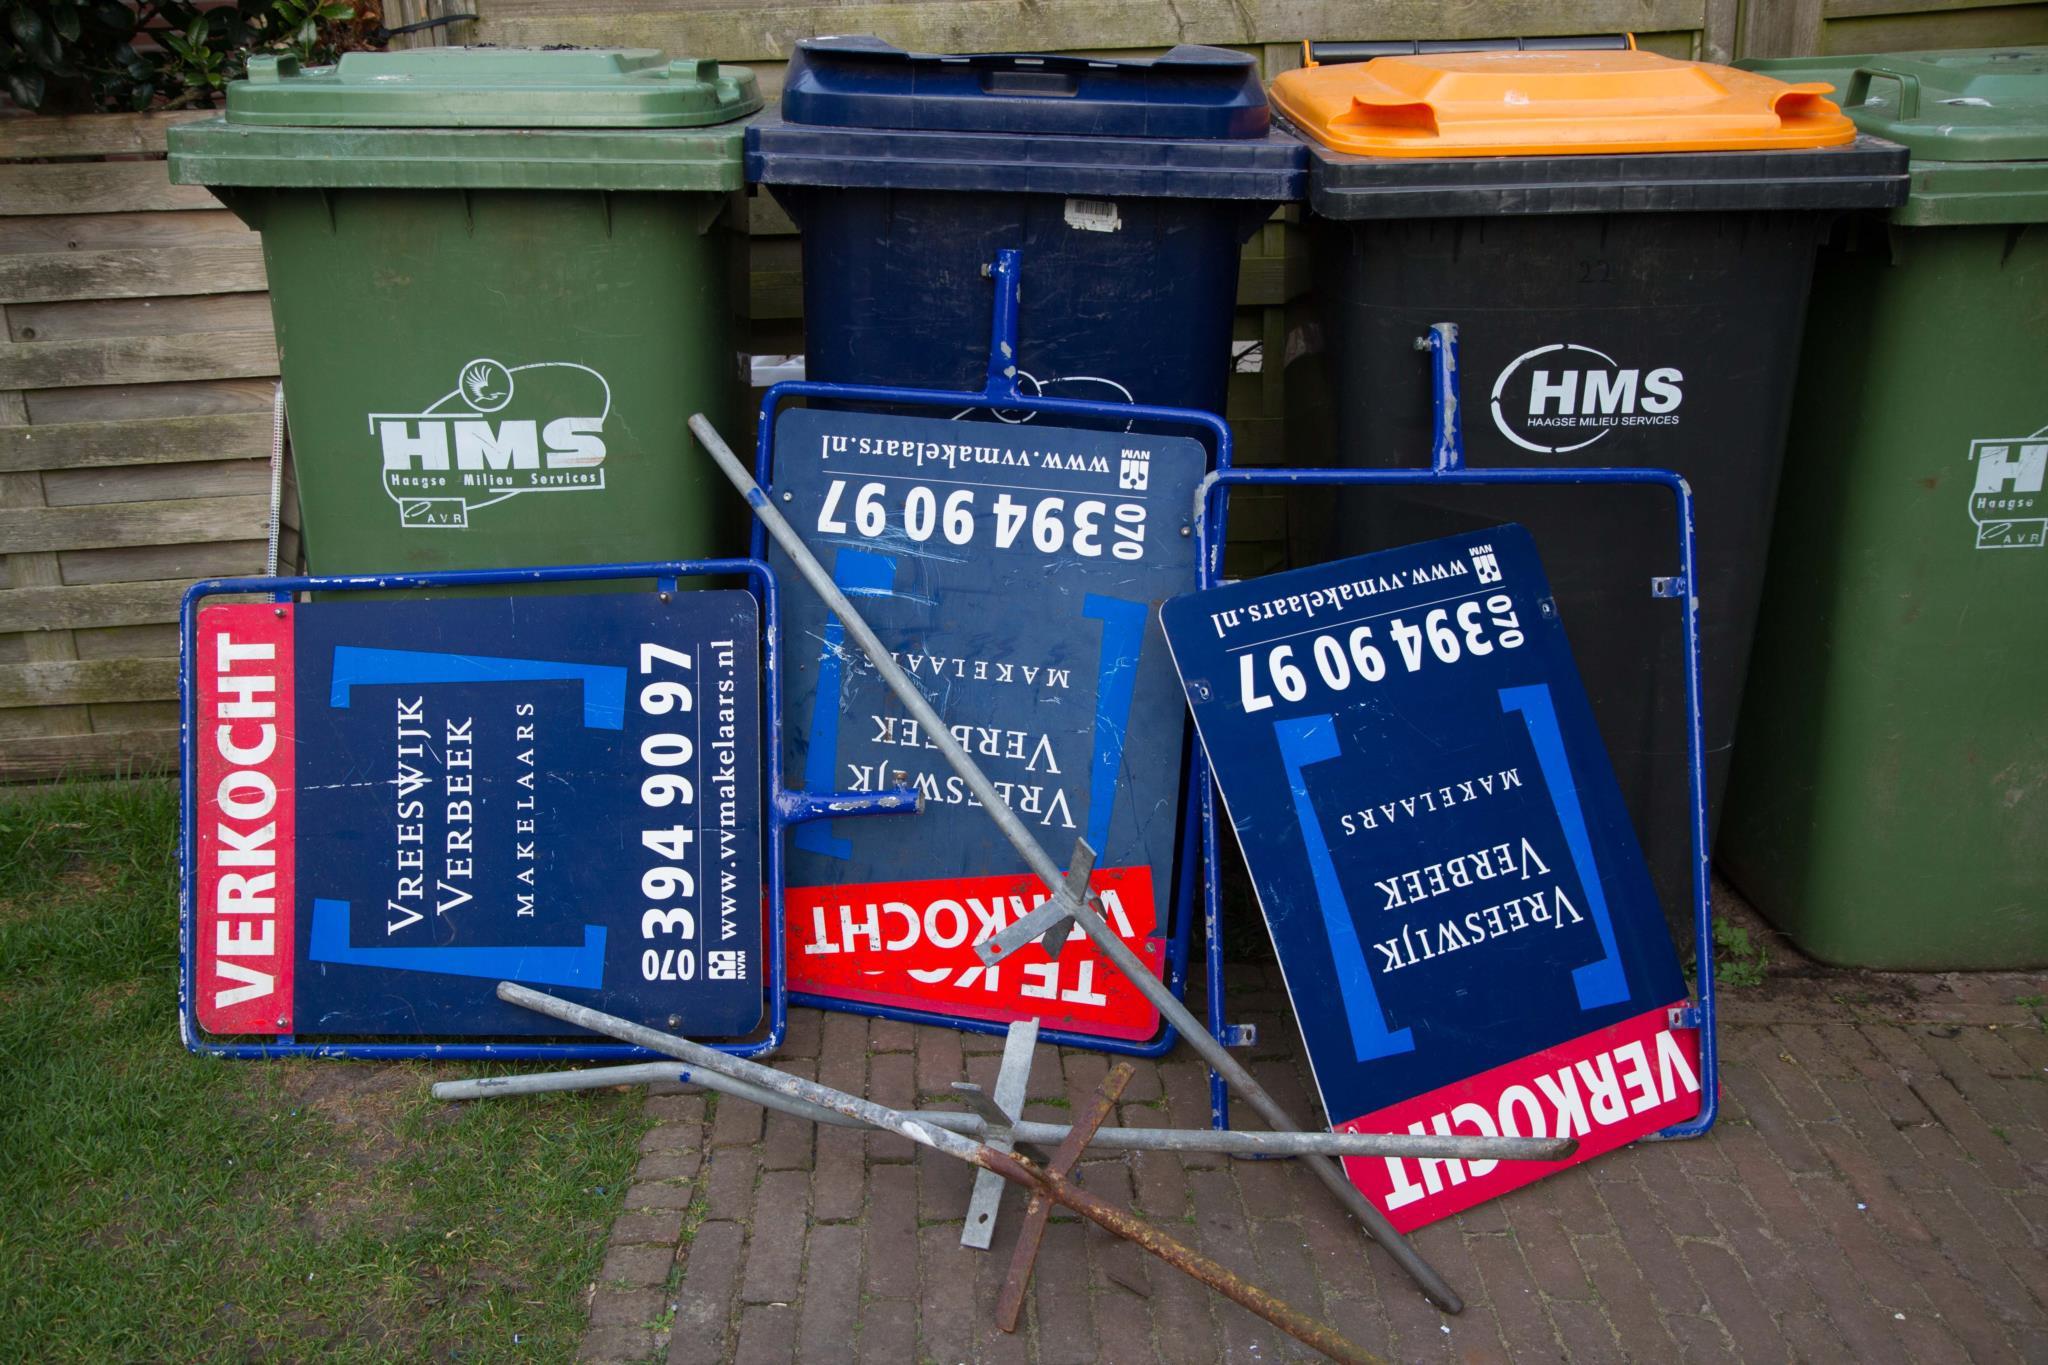 De oude verkoopborden kunnen bij het vuilnis. Tijd voor de nieuwe! Heb jij ze al gespot?